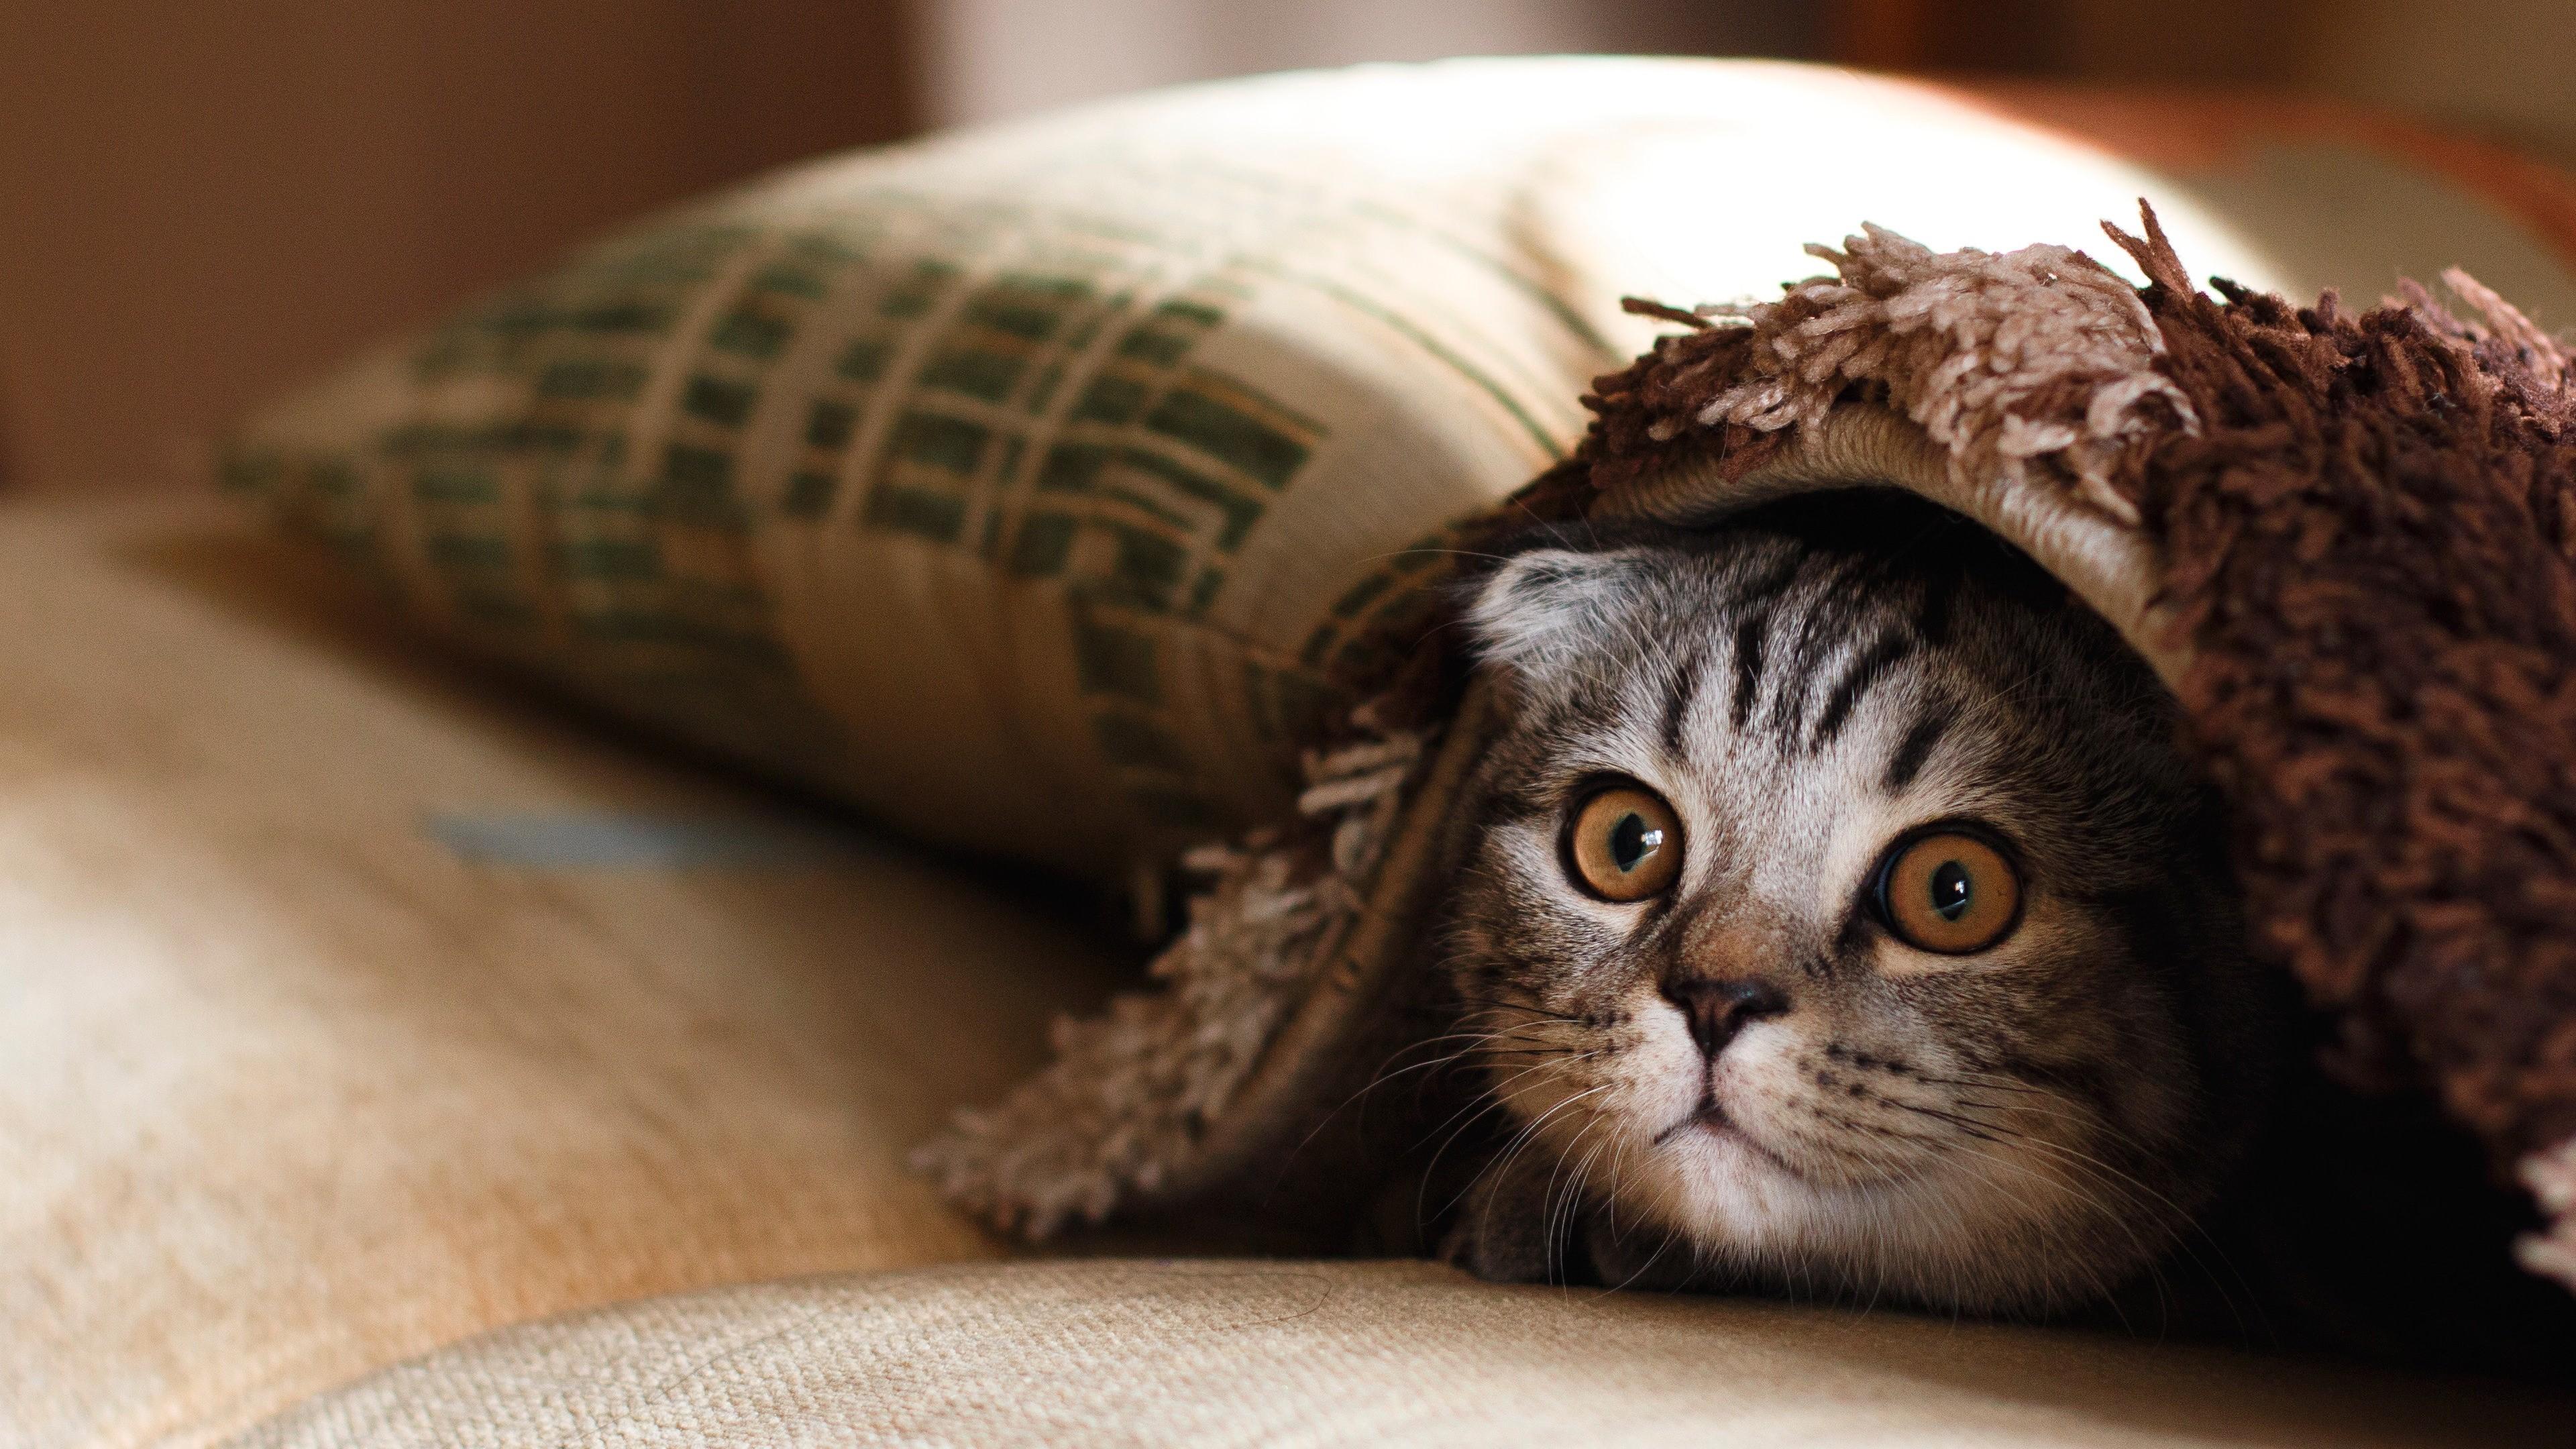 Ảnh 4K chú mèo đáng yêu đang trốn chủ của nó